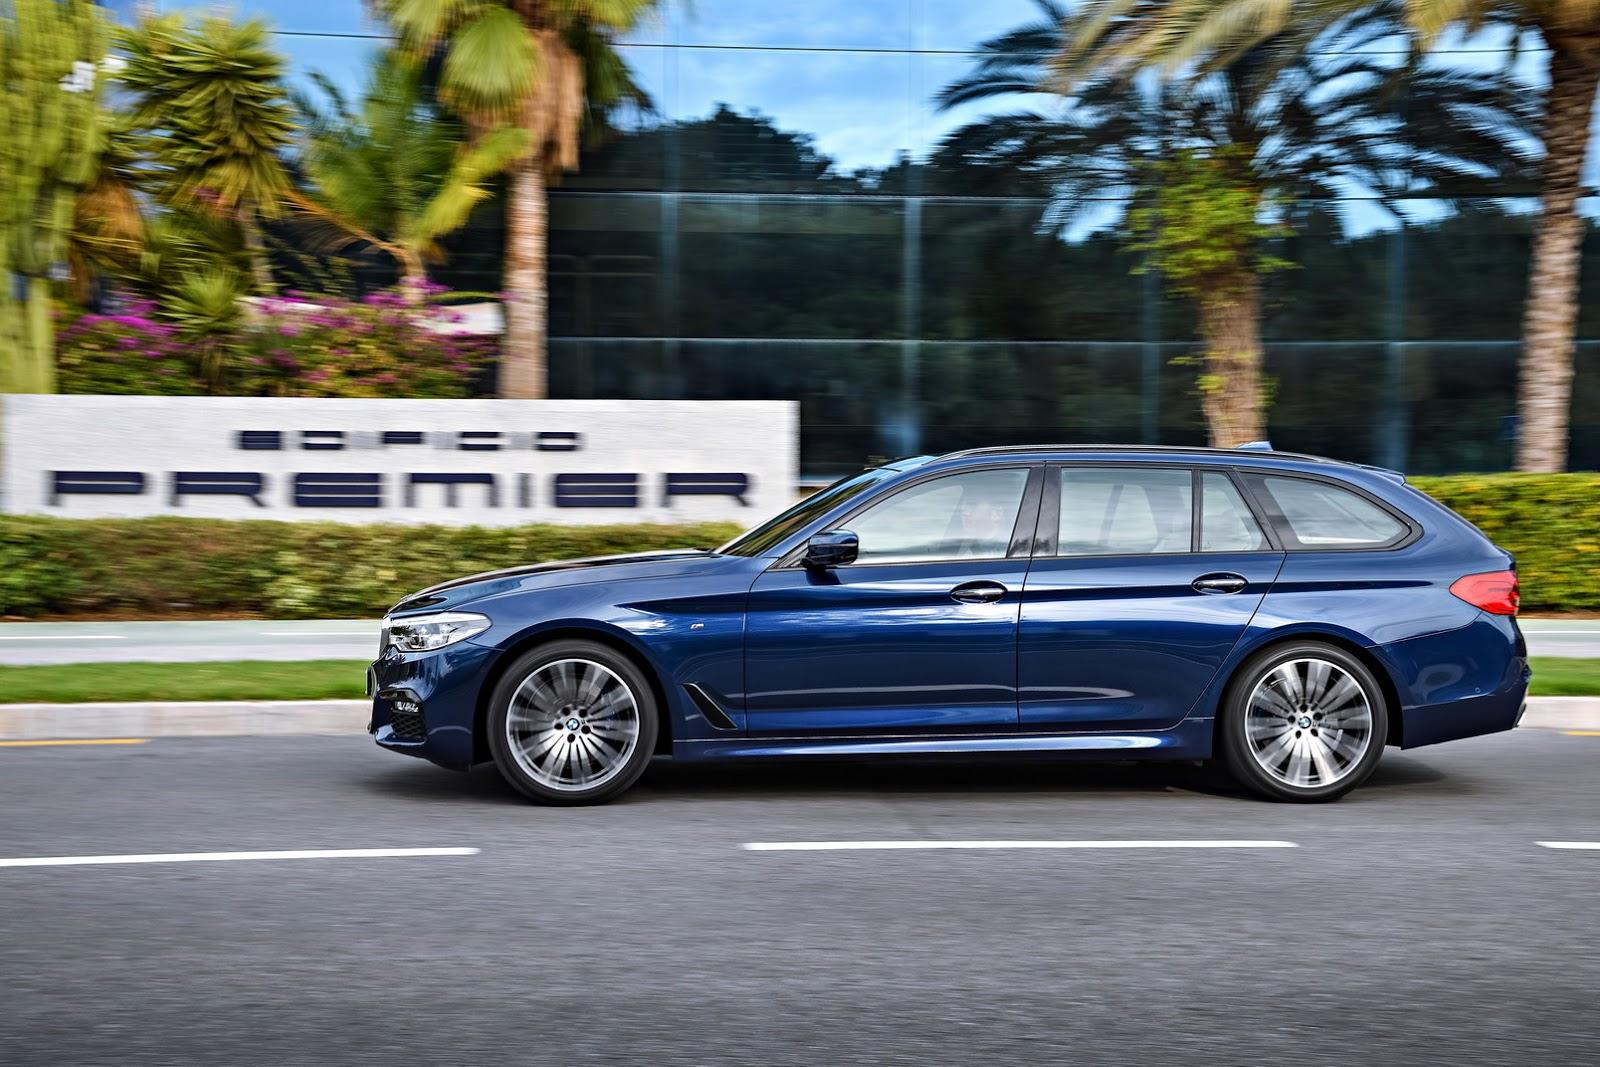 2018-BMW-5-Series-Touring-25